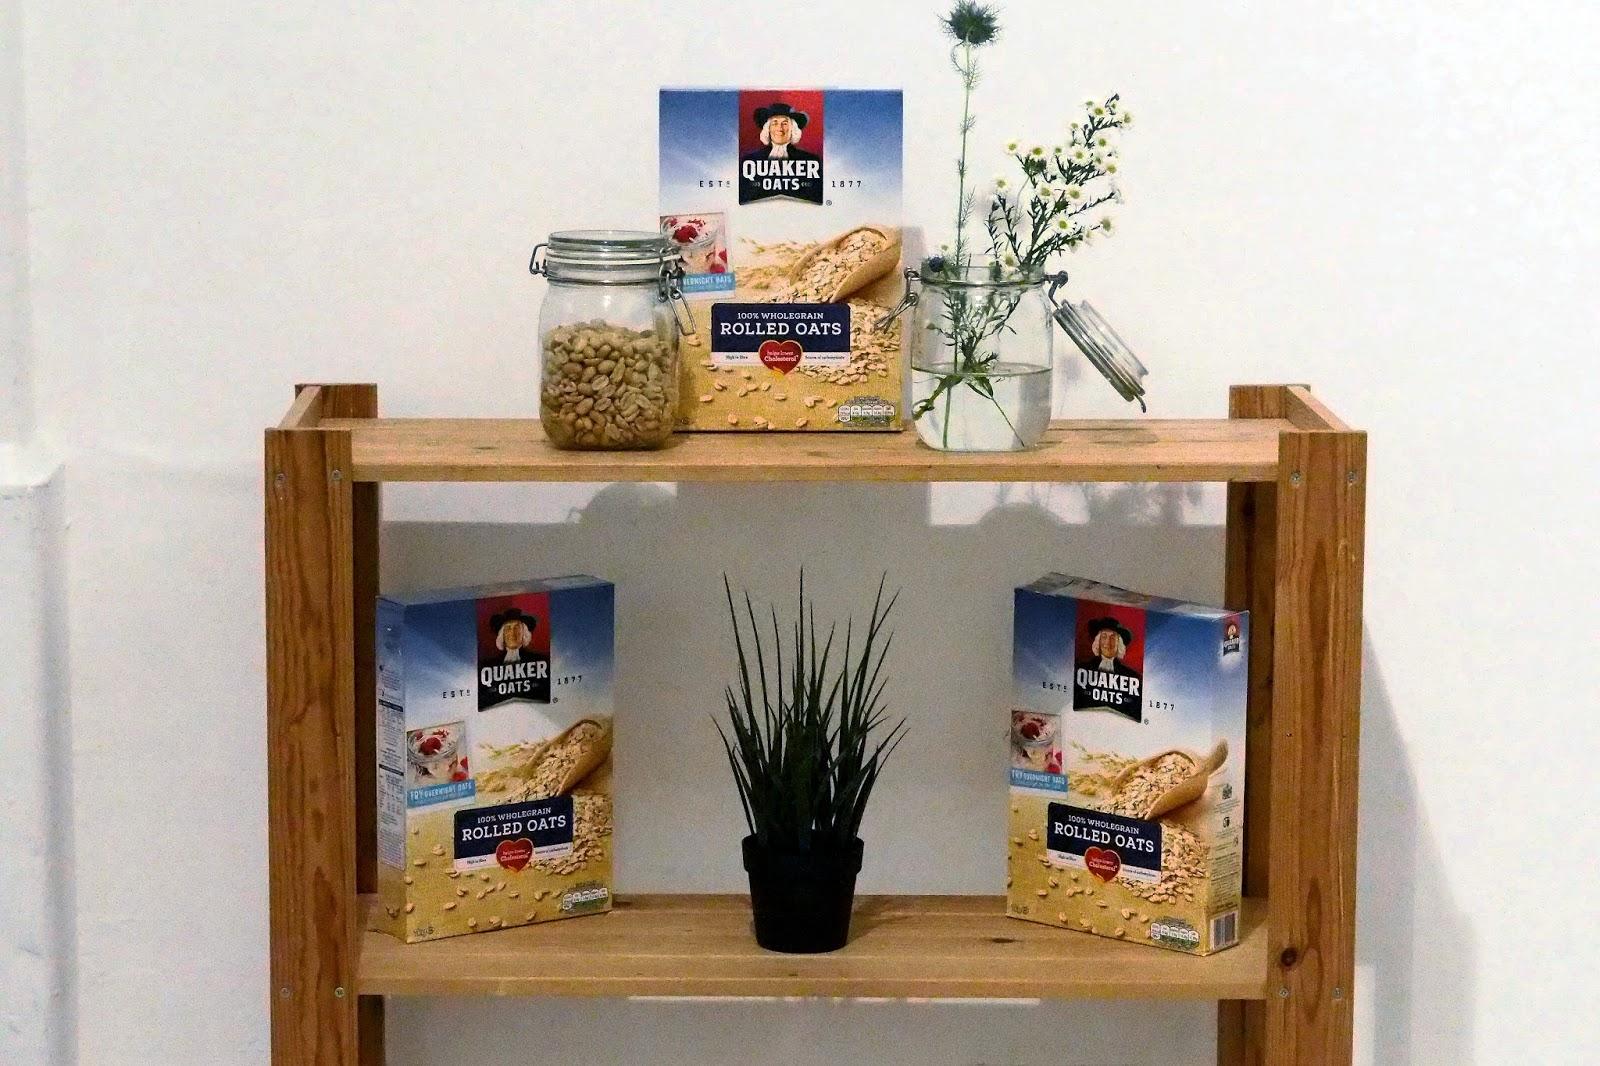 Breakfast cereals on shelf